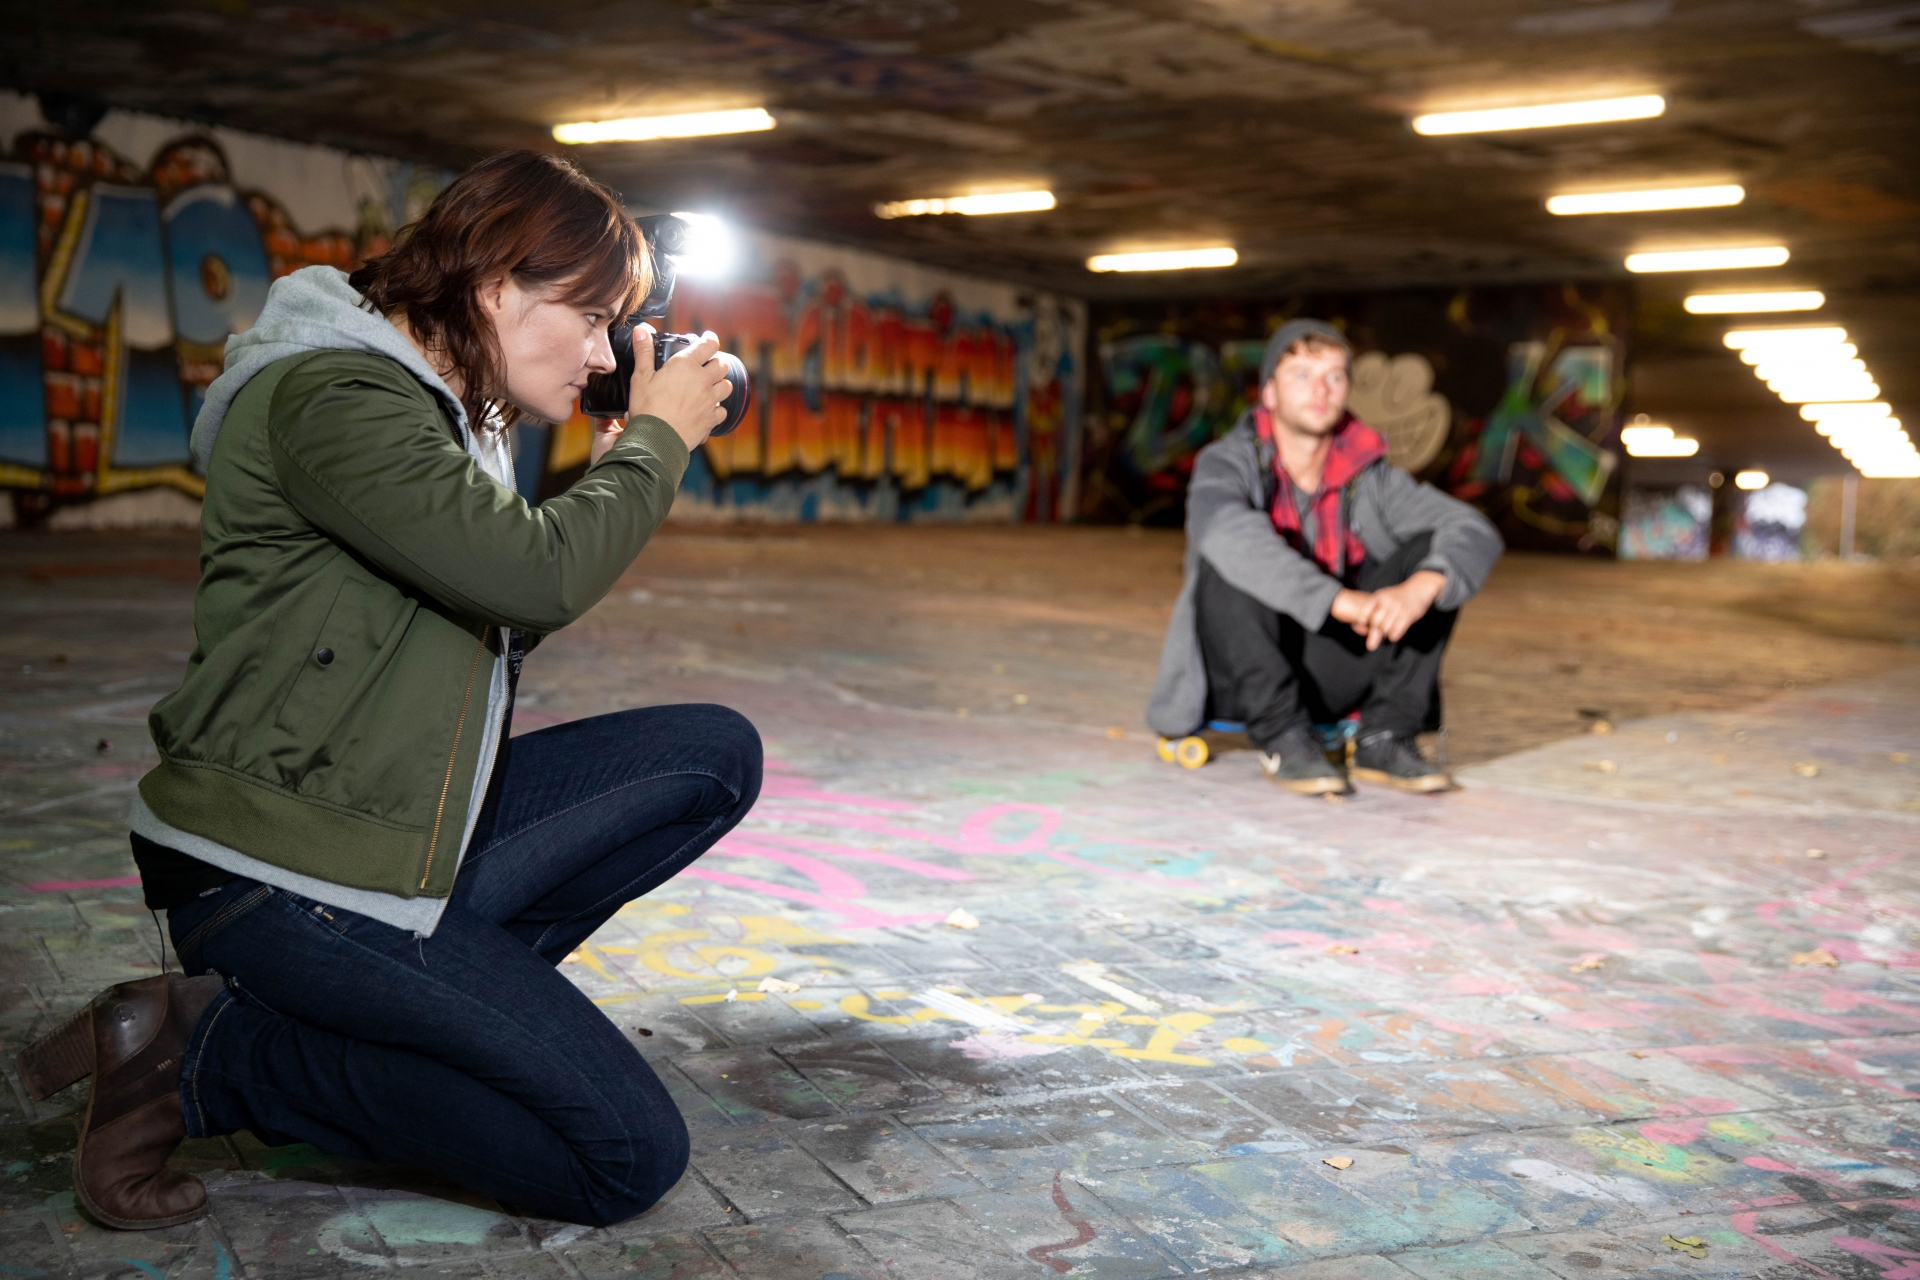 Fotografiere Deine/n Liebste/n - Canon Academy Portrait